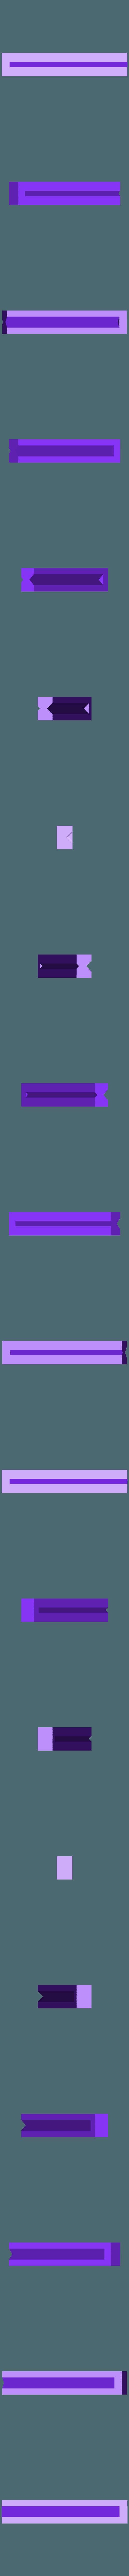 tube_cutter_v_block.stl Télécharger fichier STL gratuit Remix d'un outil de coupe de tube avec vis et écrou M4 • Objet imprimable en 3D, peaberry